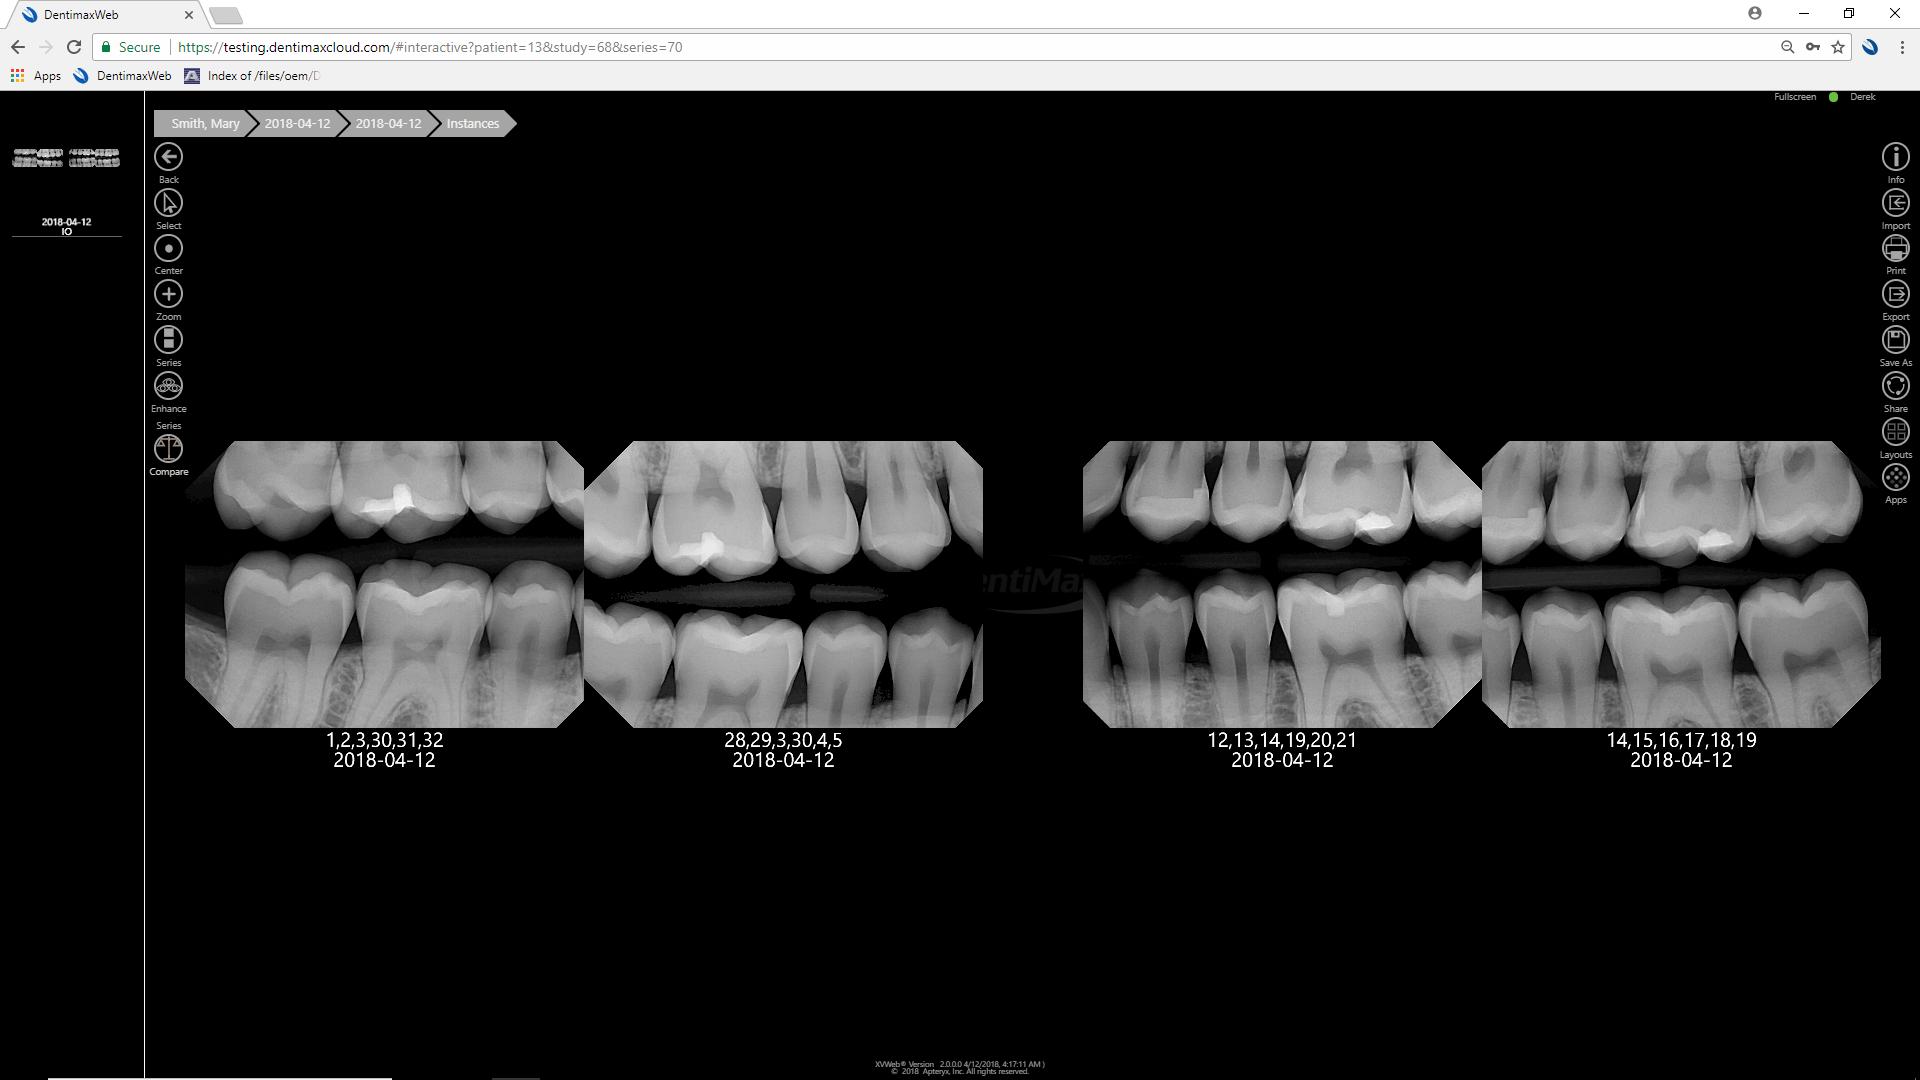 DentiMax Cloud Imaging